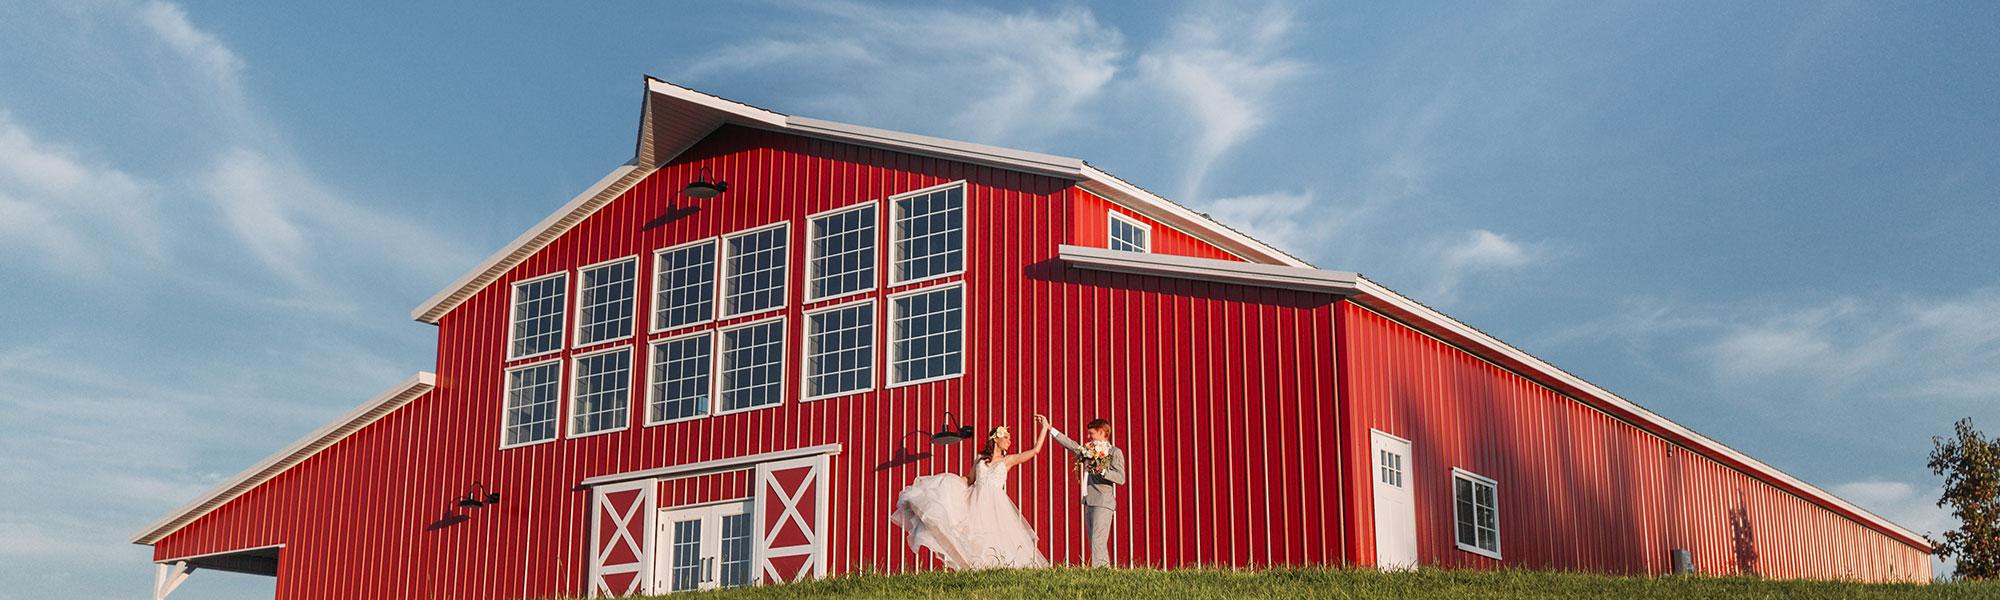 Red Acre Barn - Iowa Barn Wedding Venue, Event Venue